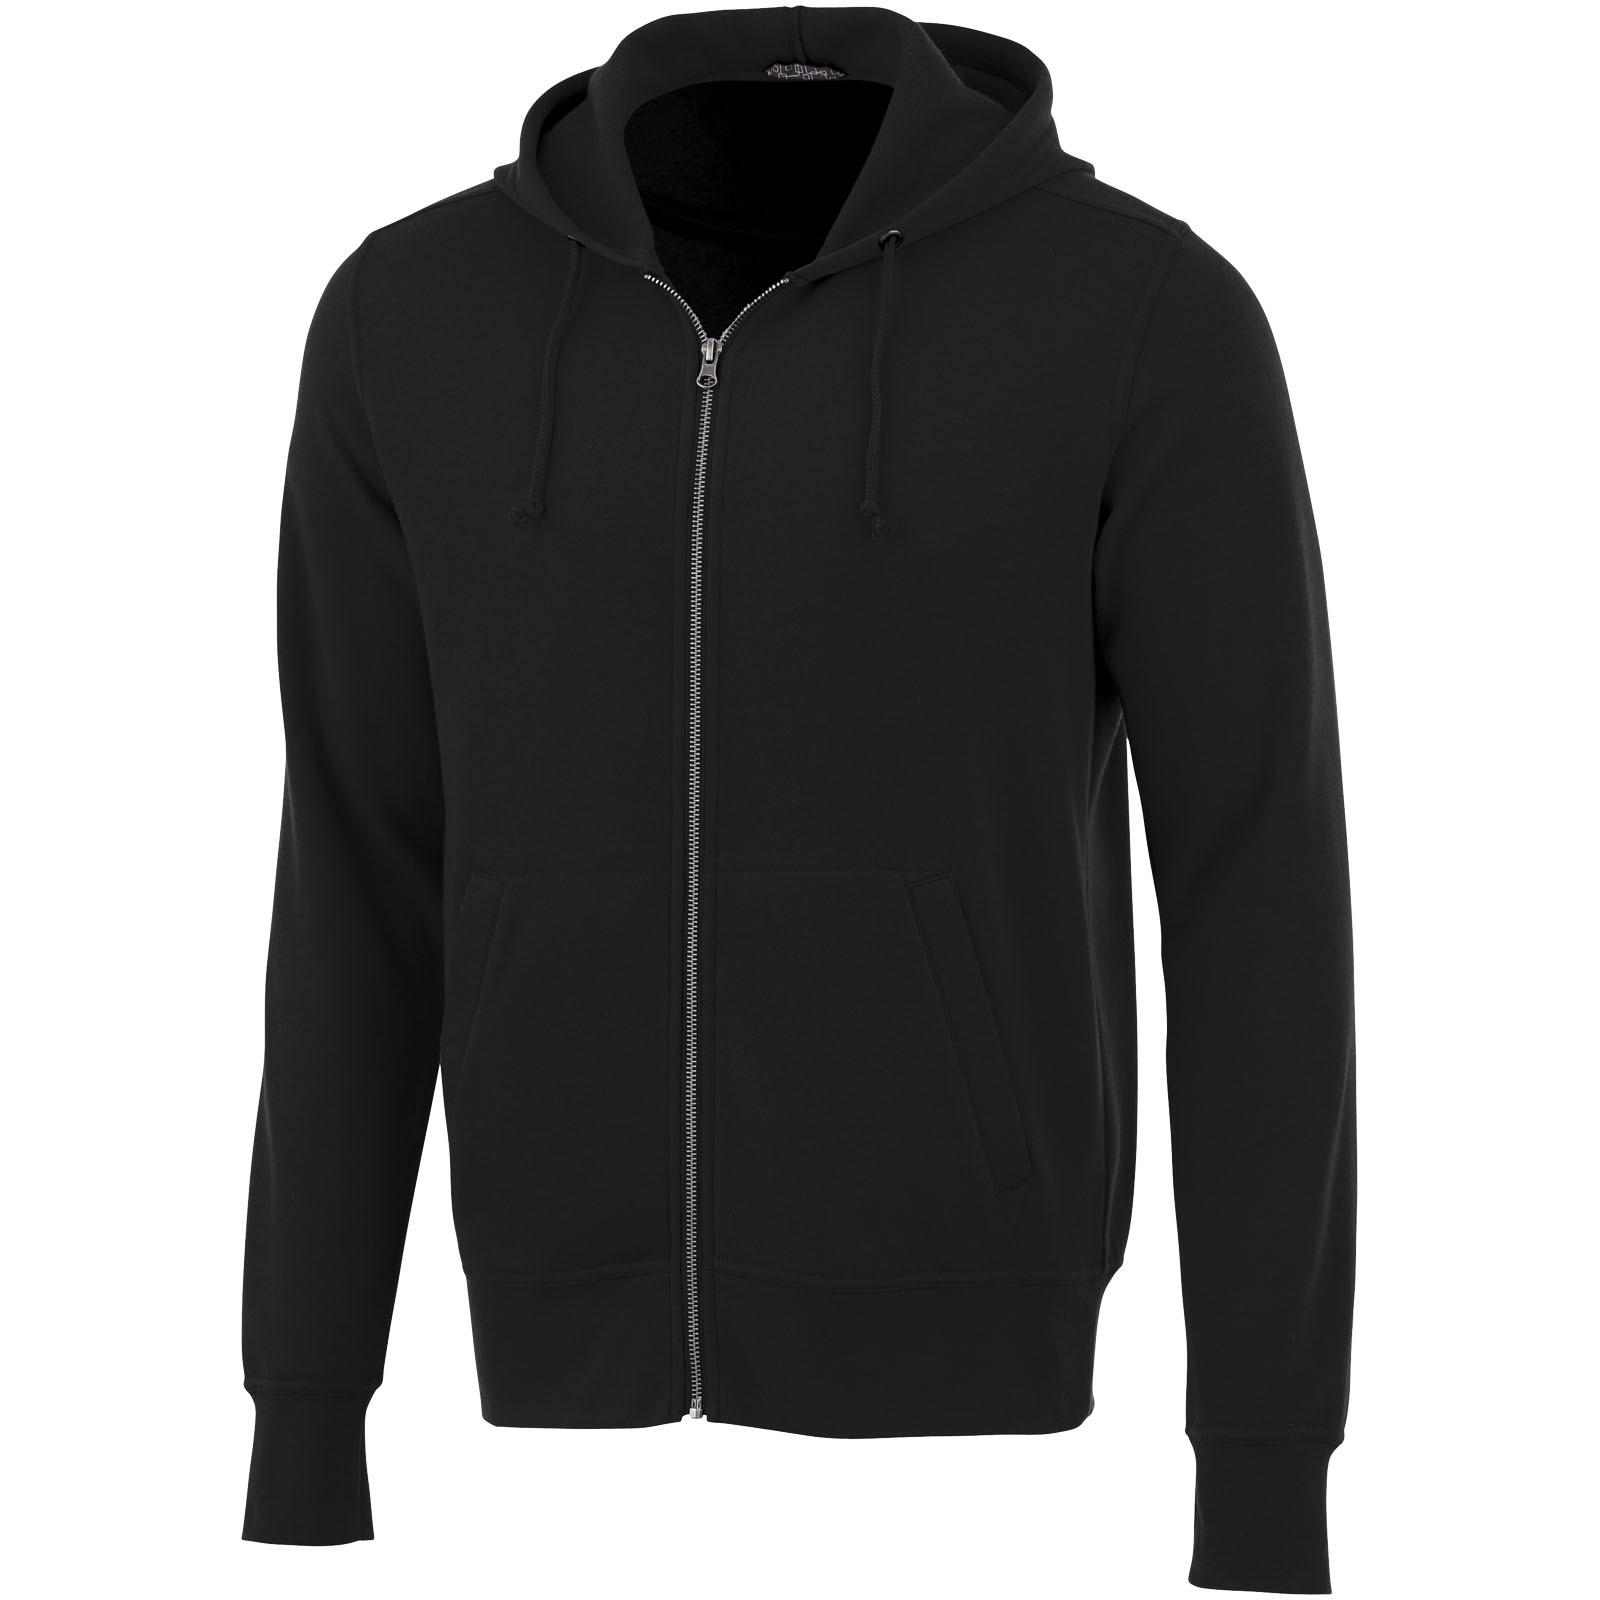 Unisex mikina na zip s kapucí Cypress - Černá / XXS